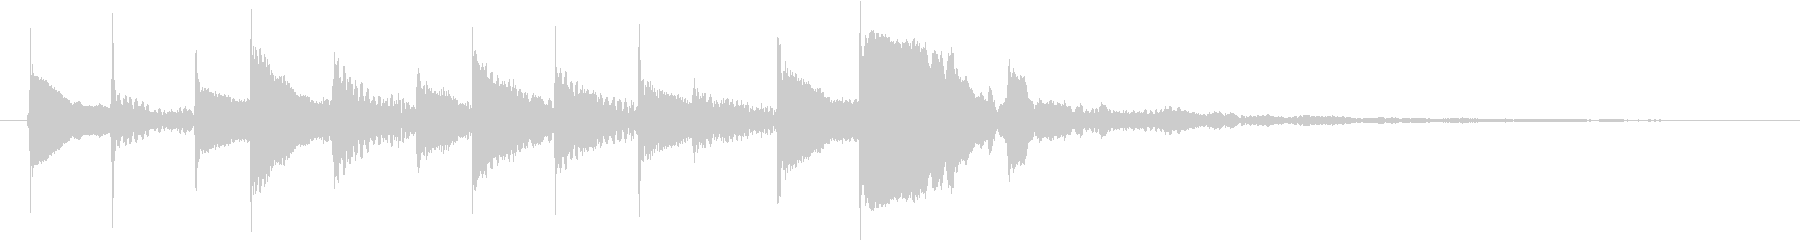 幻想的なチル系ベルのジングルの未再生の波形